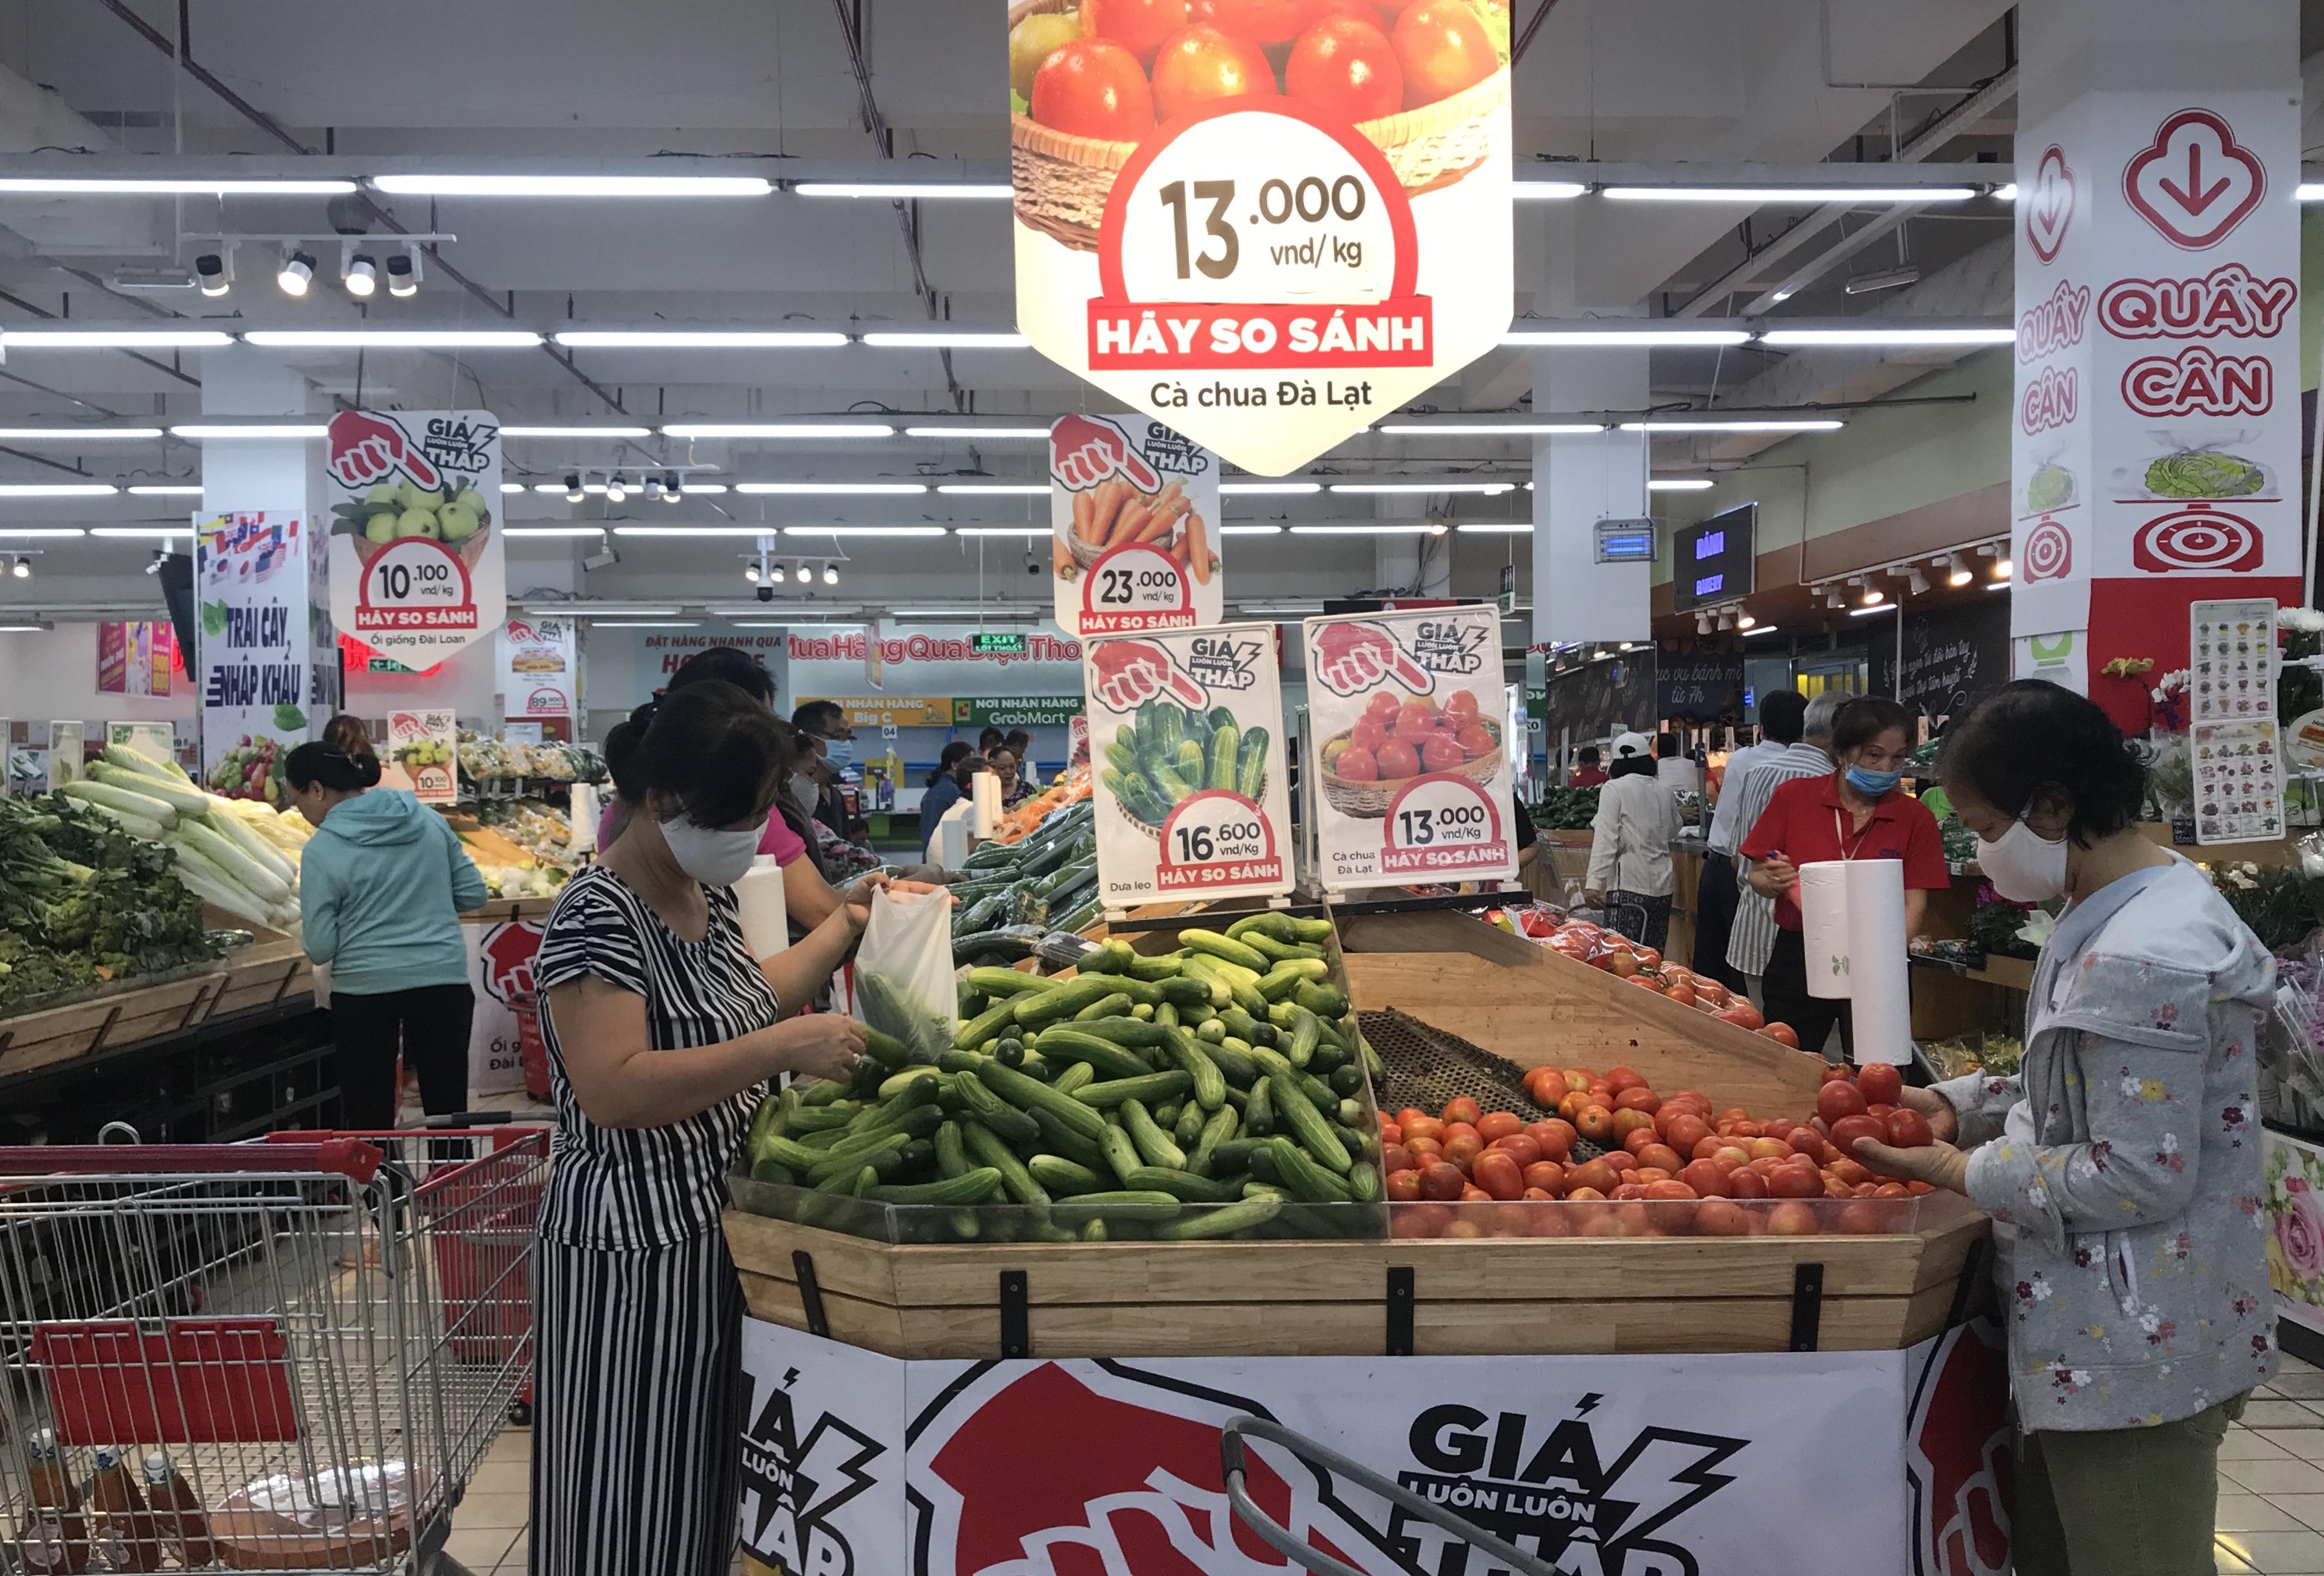 Sắp đóng cửa, Big C miền Đông ồ ạt khuyến mãi, người tiêu dùng lạc trong mê cung hàng giá sốc - Ảnh 9.